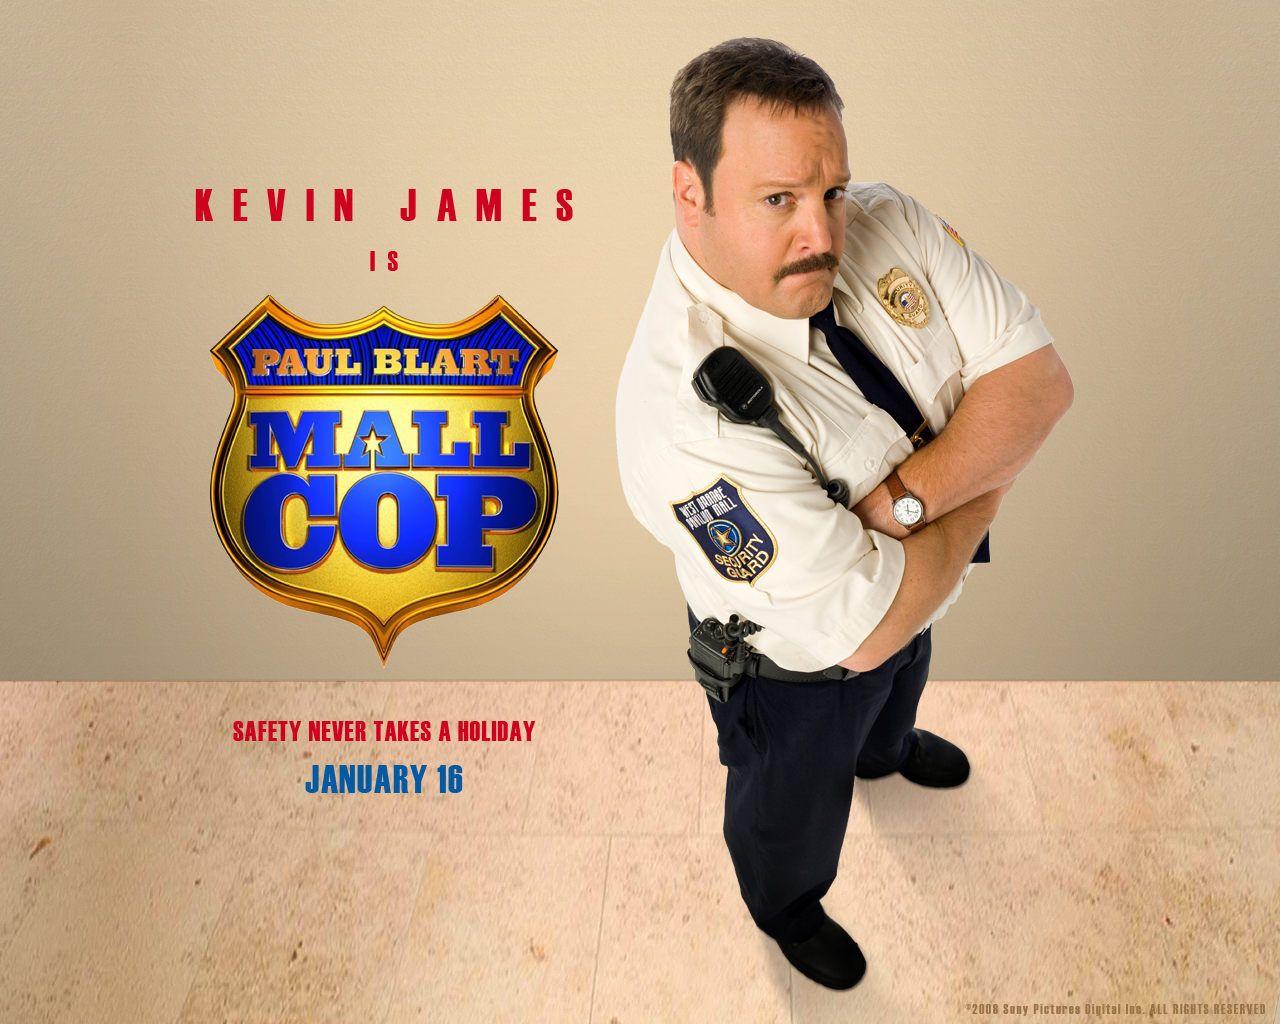 Paul Blart Mall Cop